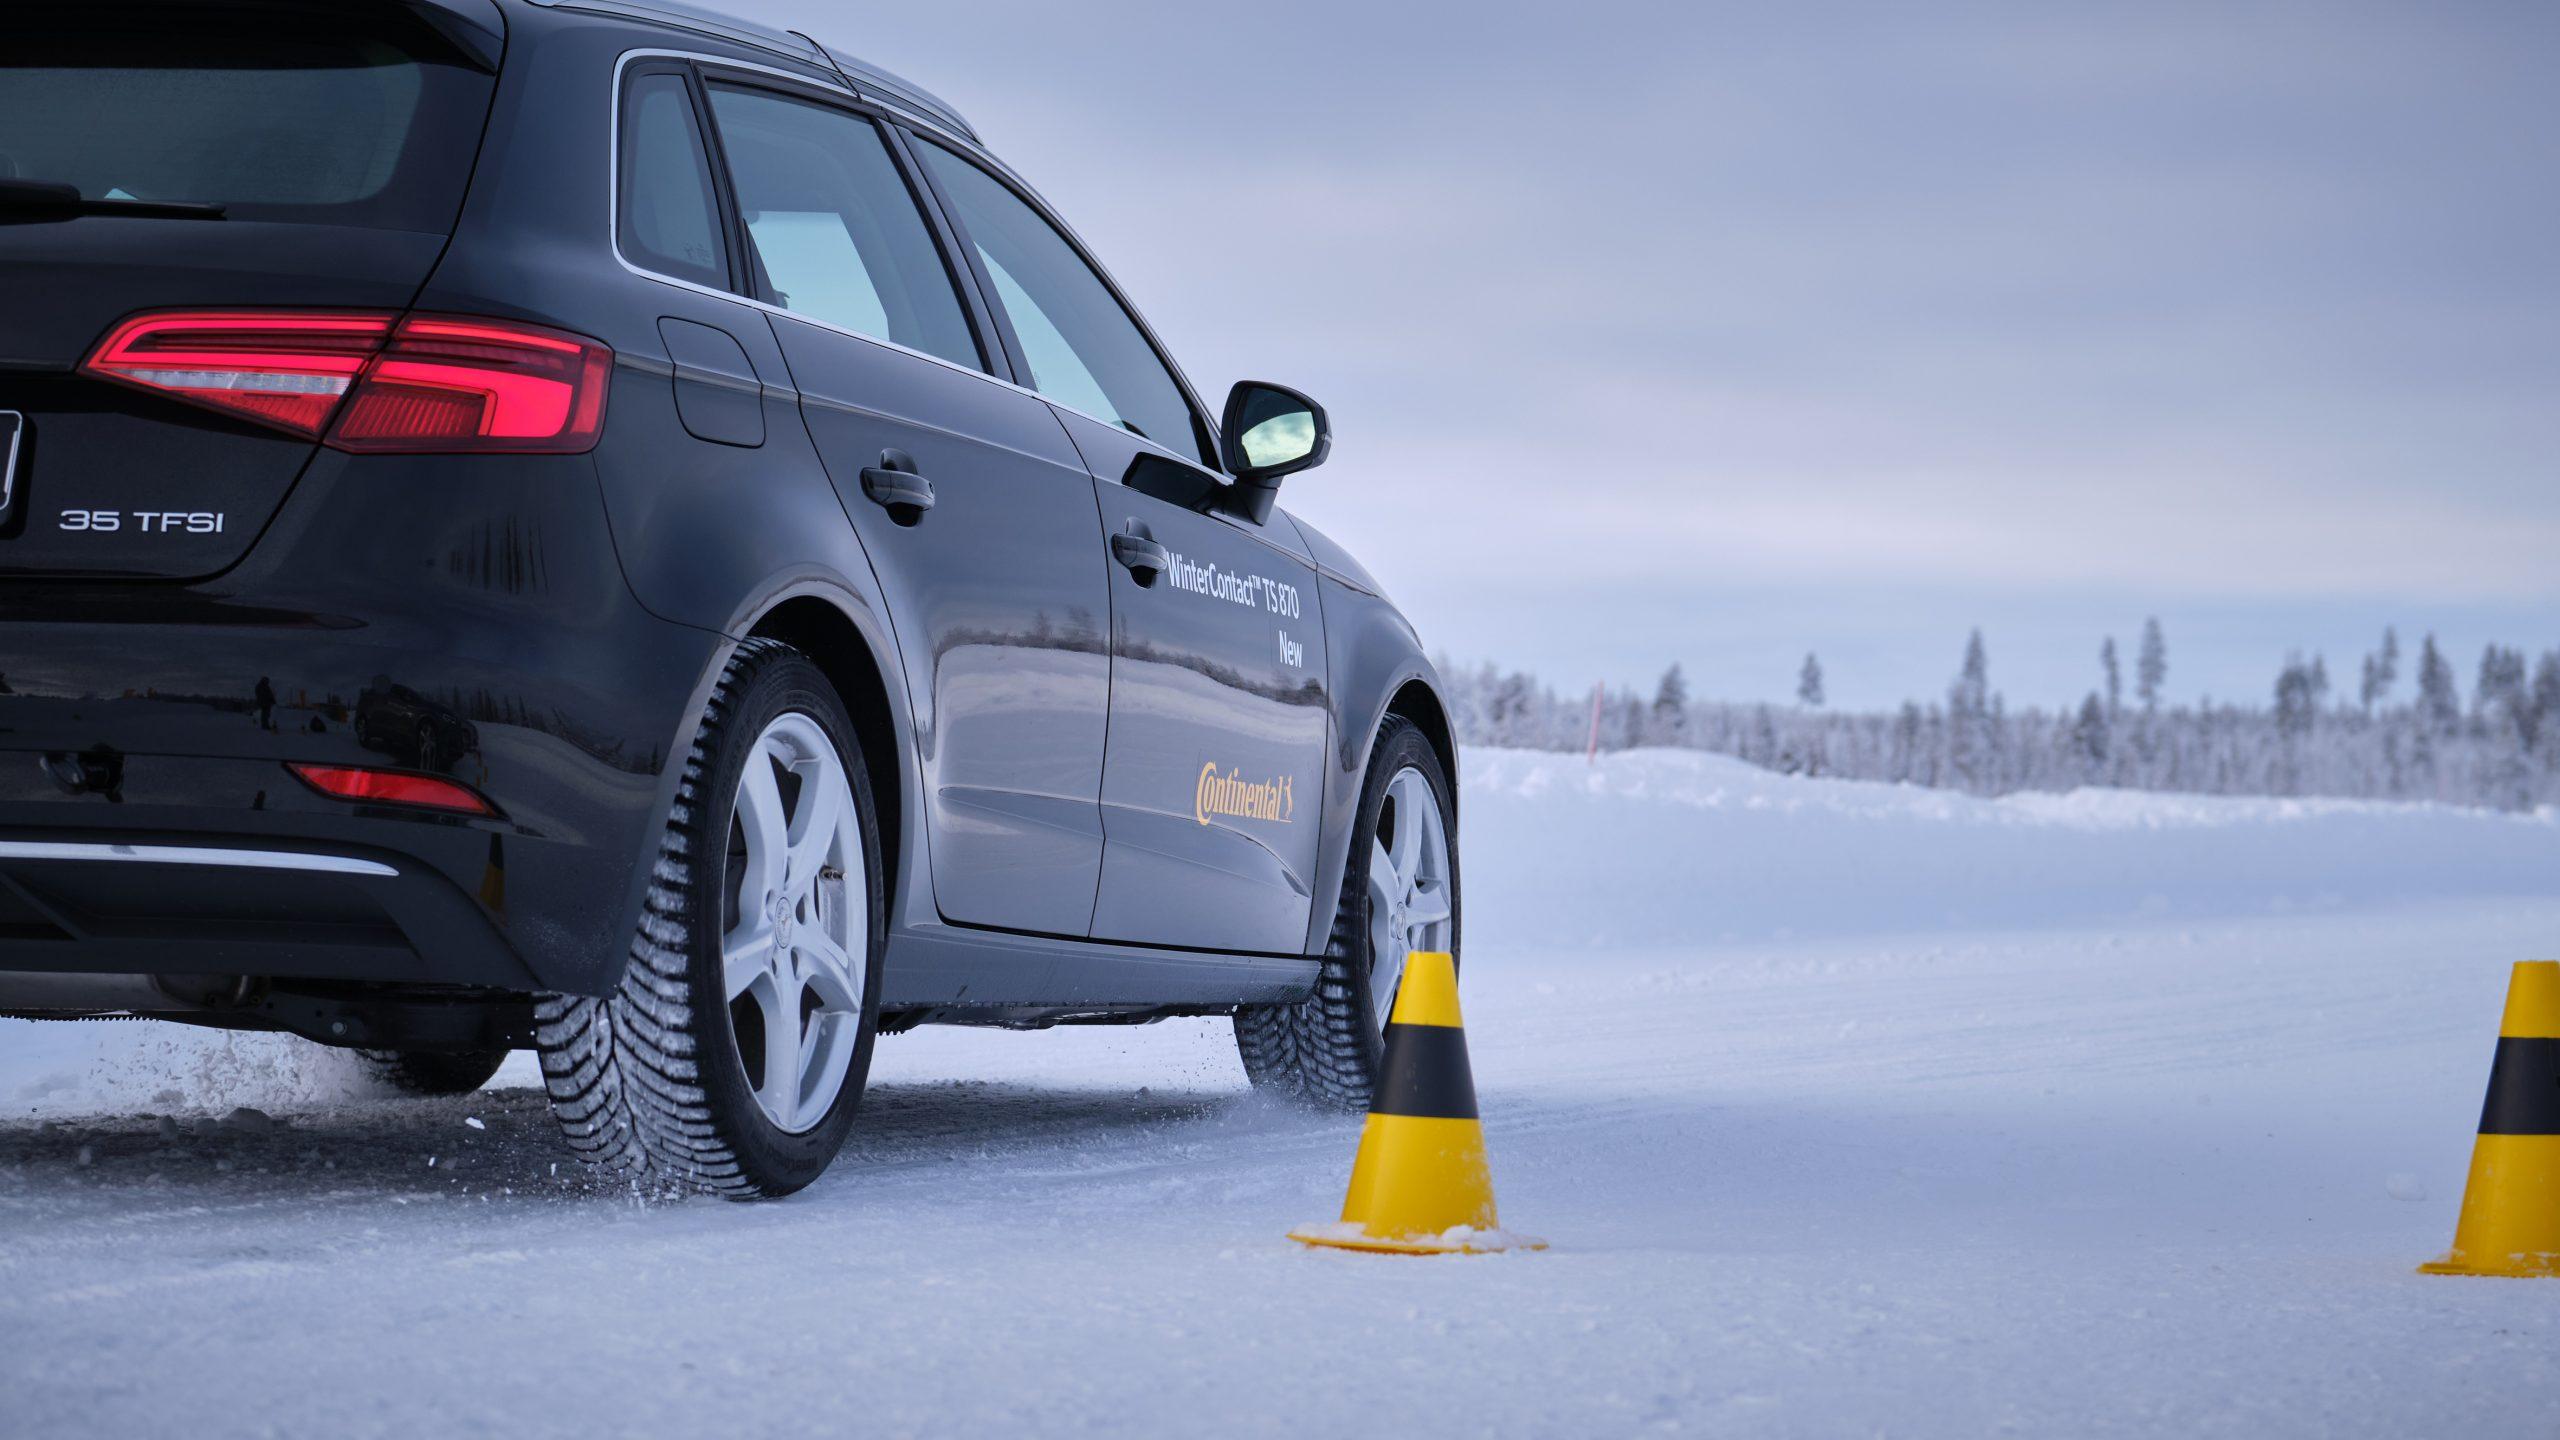 Continental'den güvenli sürüş için kış lastikleri